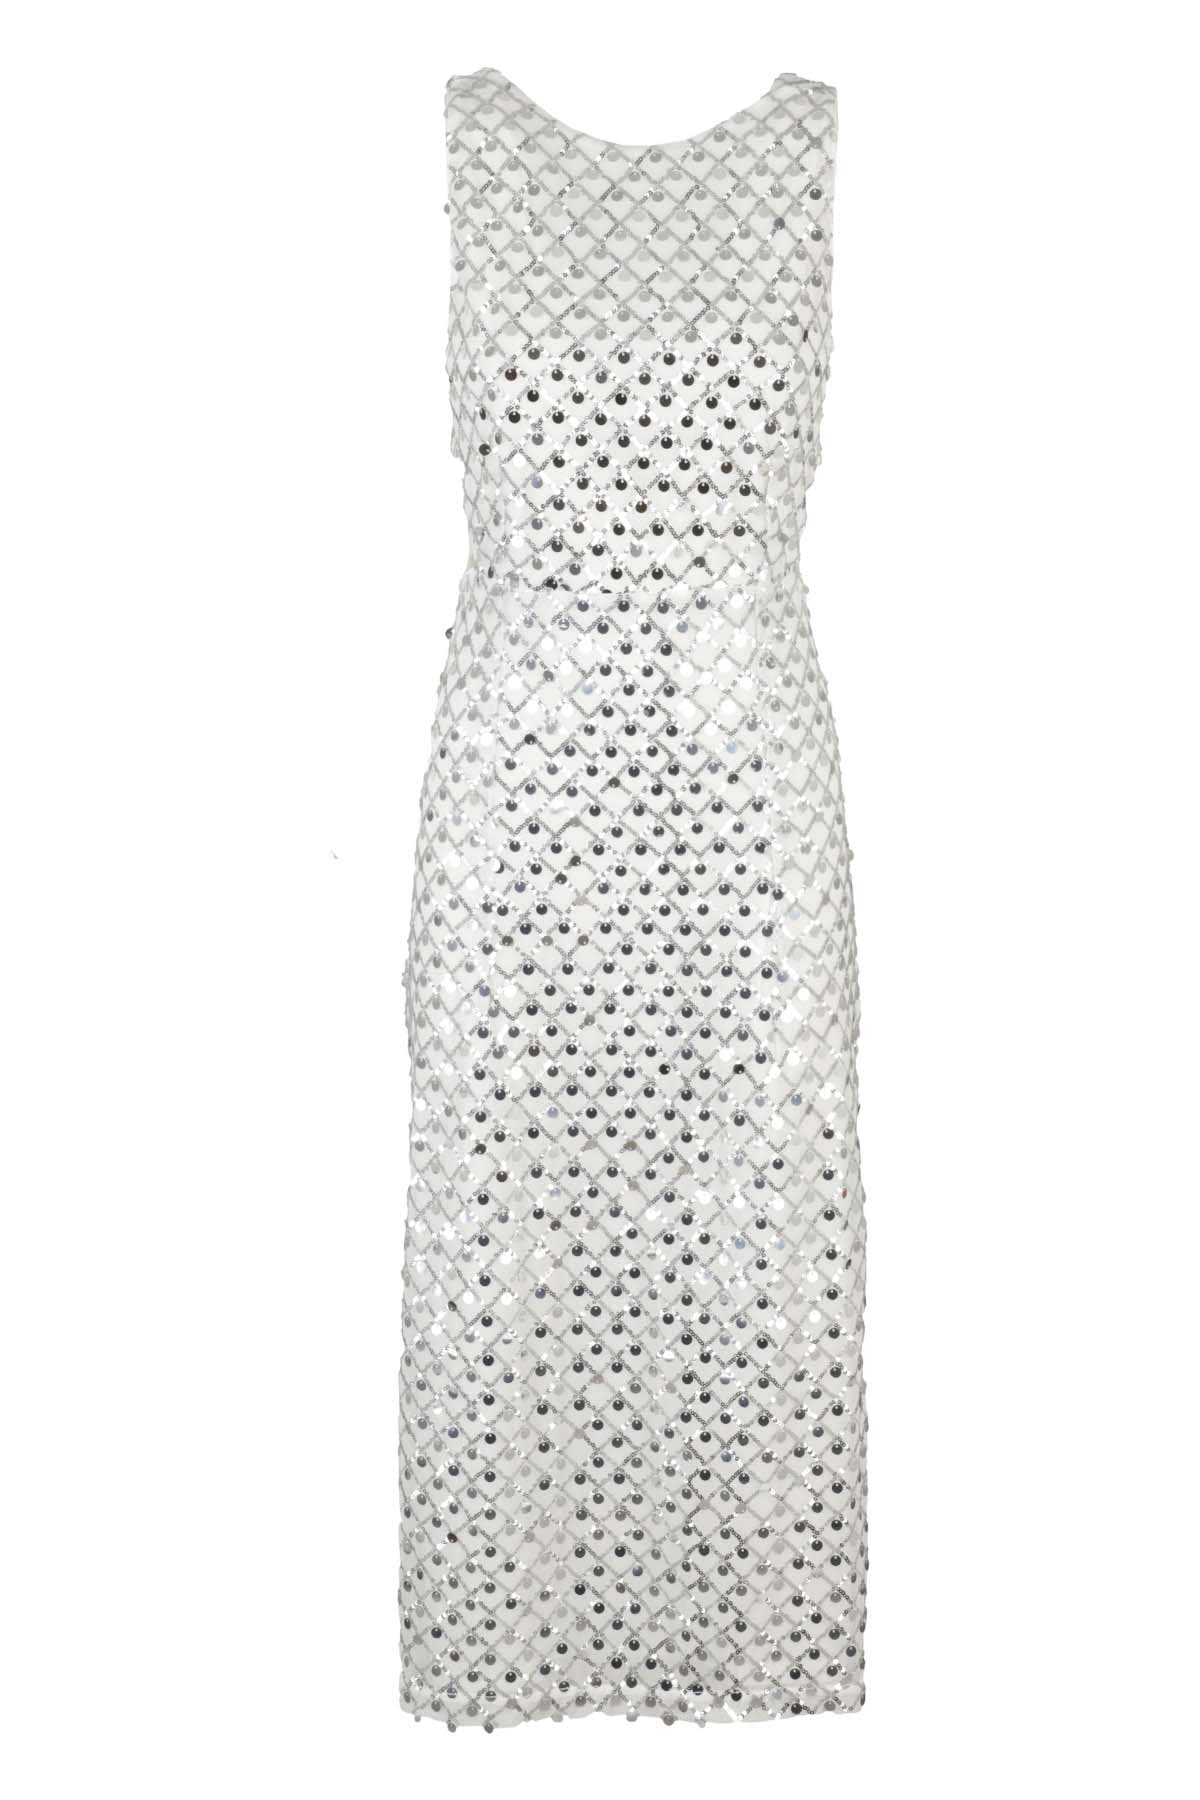 Rotate Birger Christensen Dresses DRESS